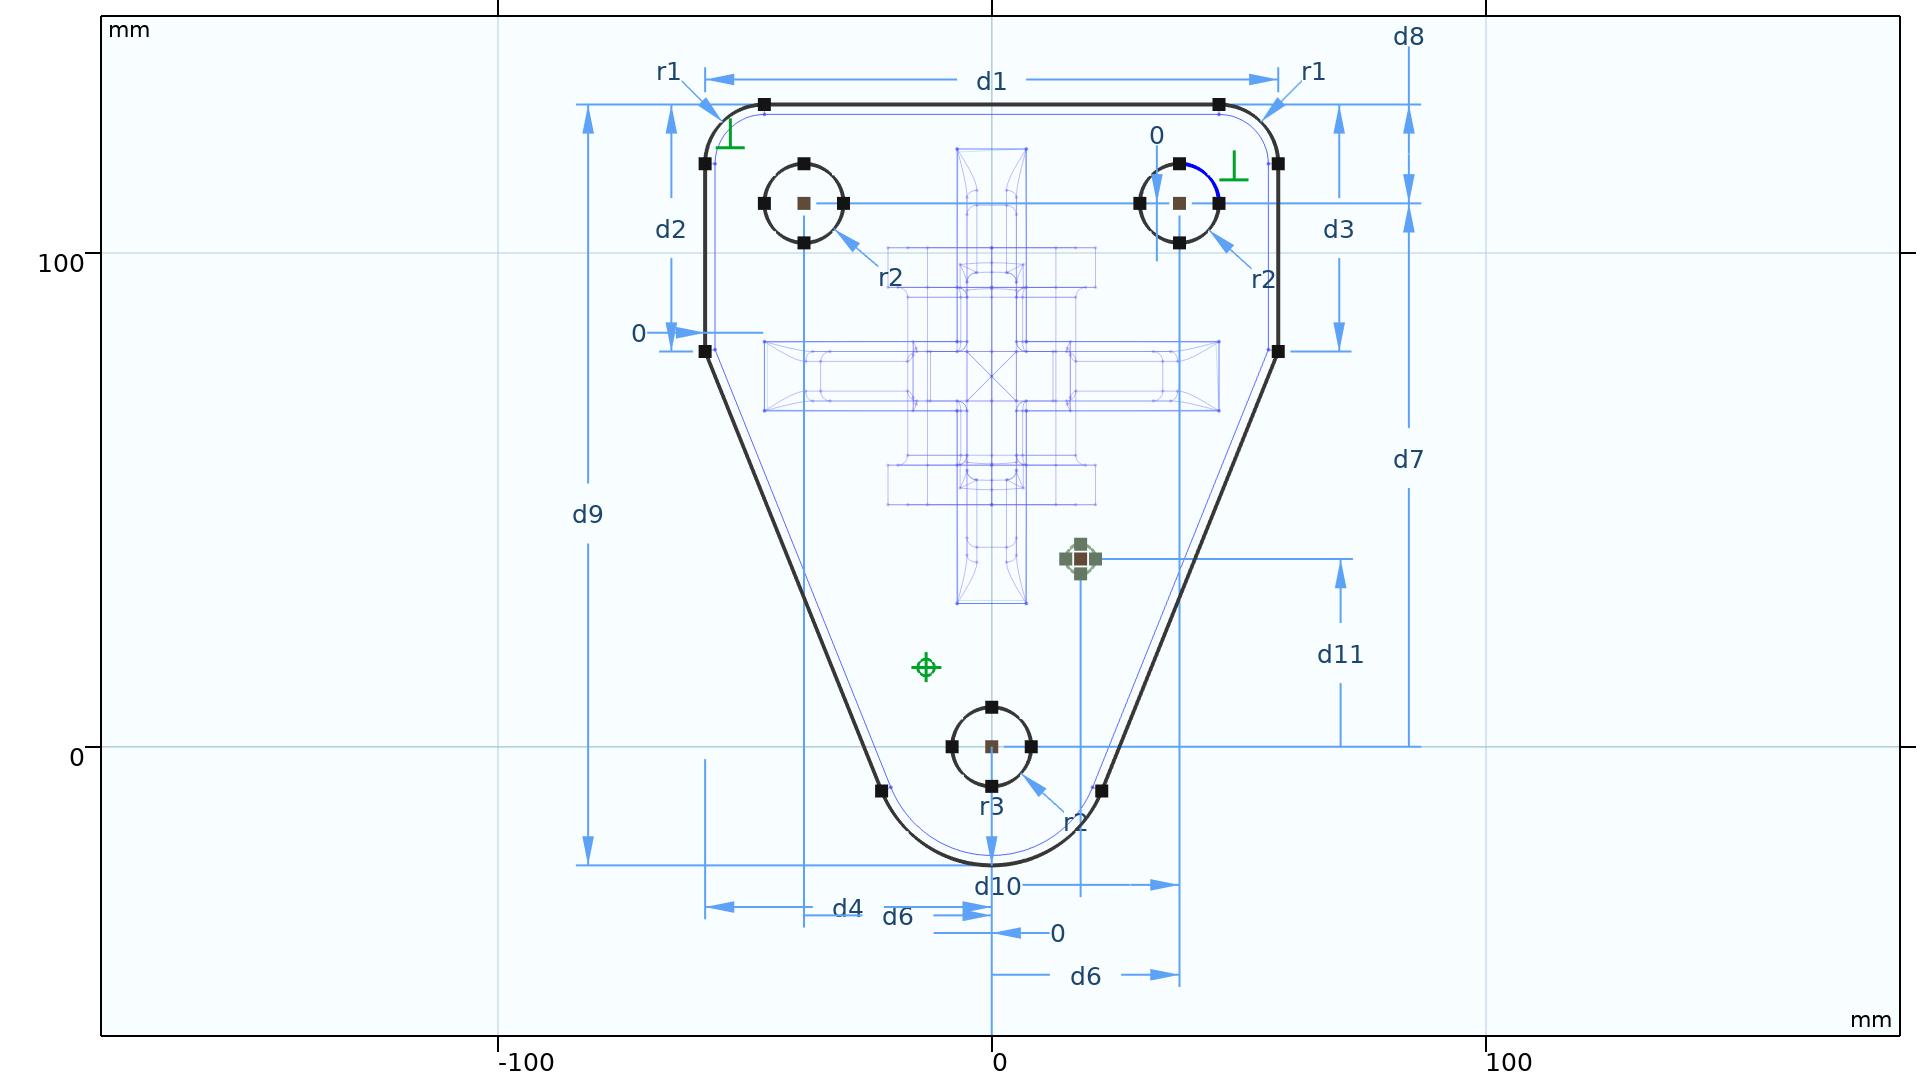 Náčrtek sparametrickými vazbami a rozměry vytvoření vDesign Module COMSOL Multiphysics.